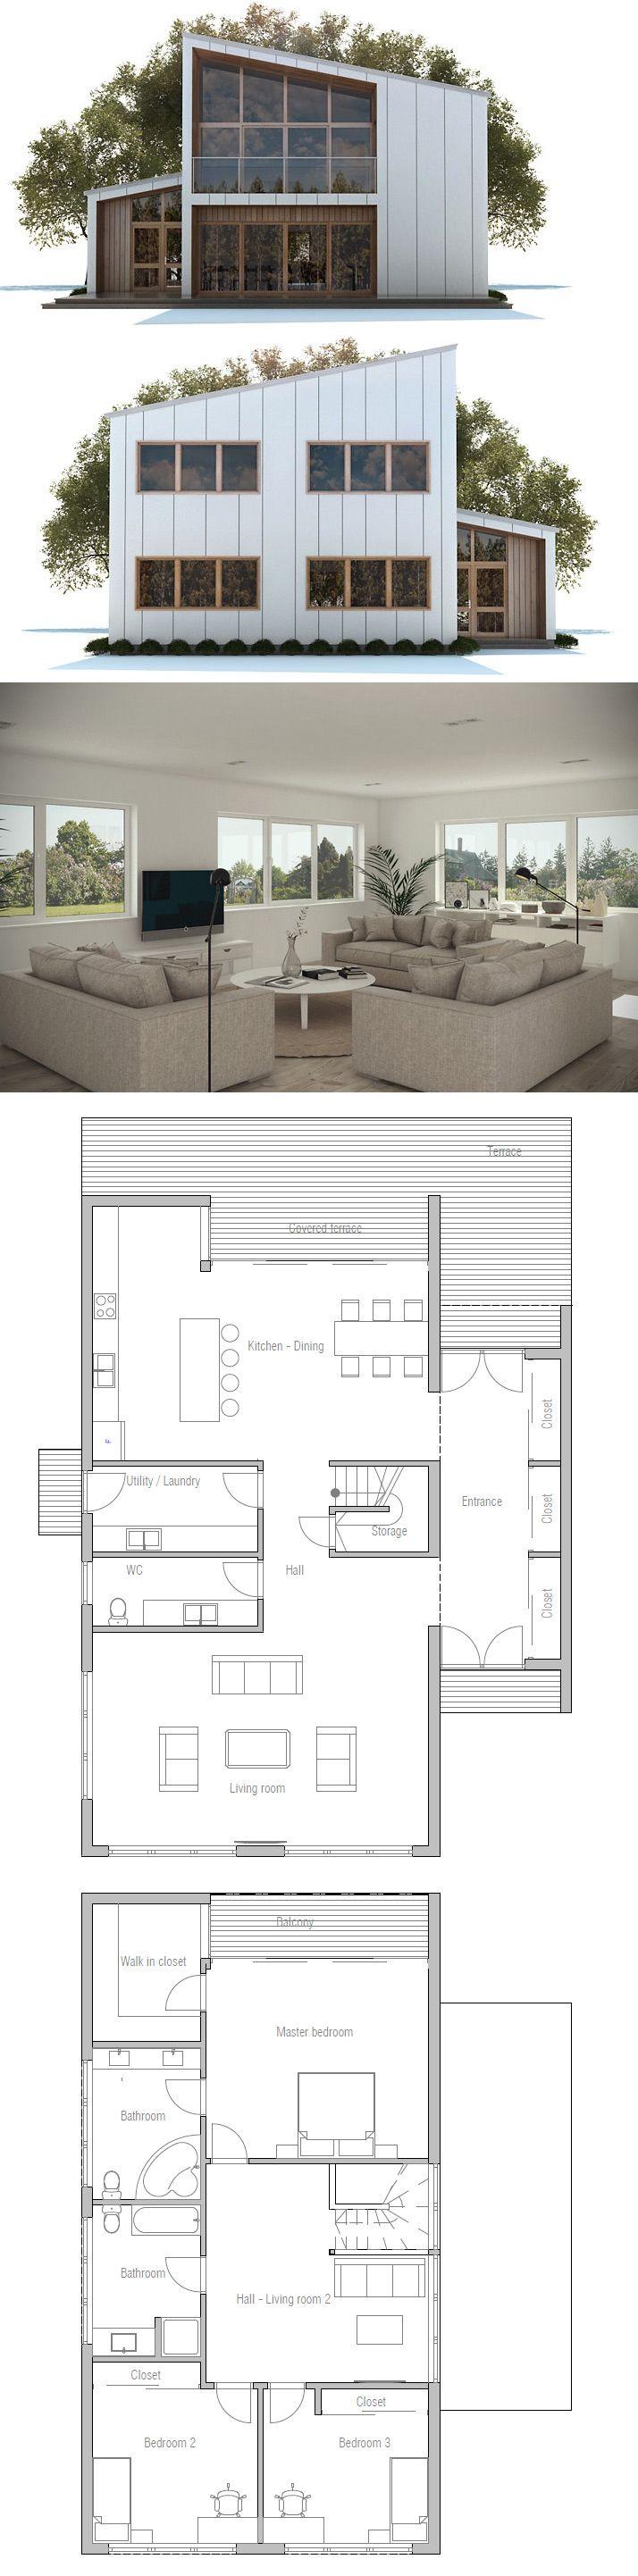 Idee Treppe In Mitte Grundriss Pinterest Haus Bauen Und Ideen